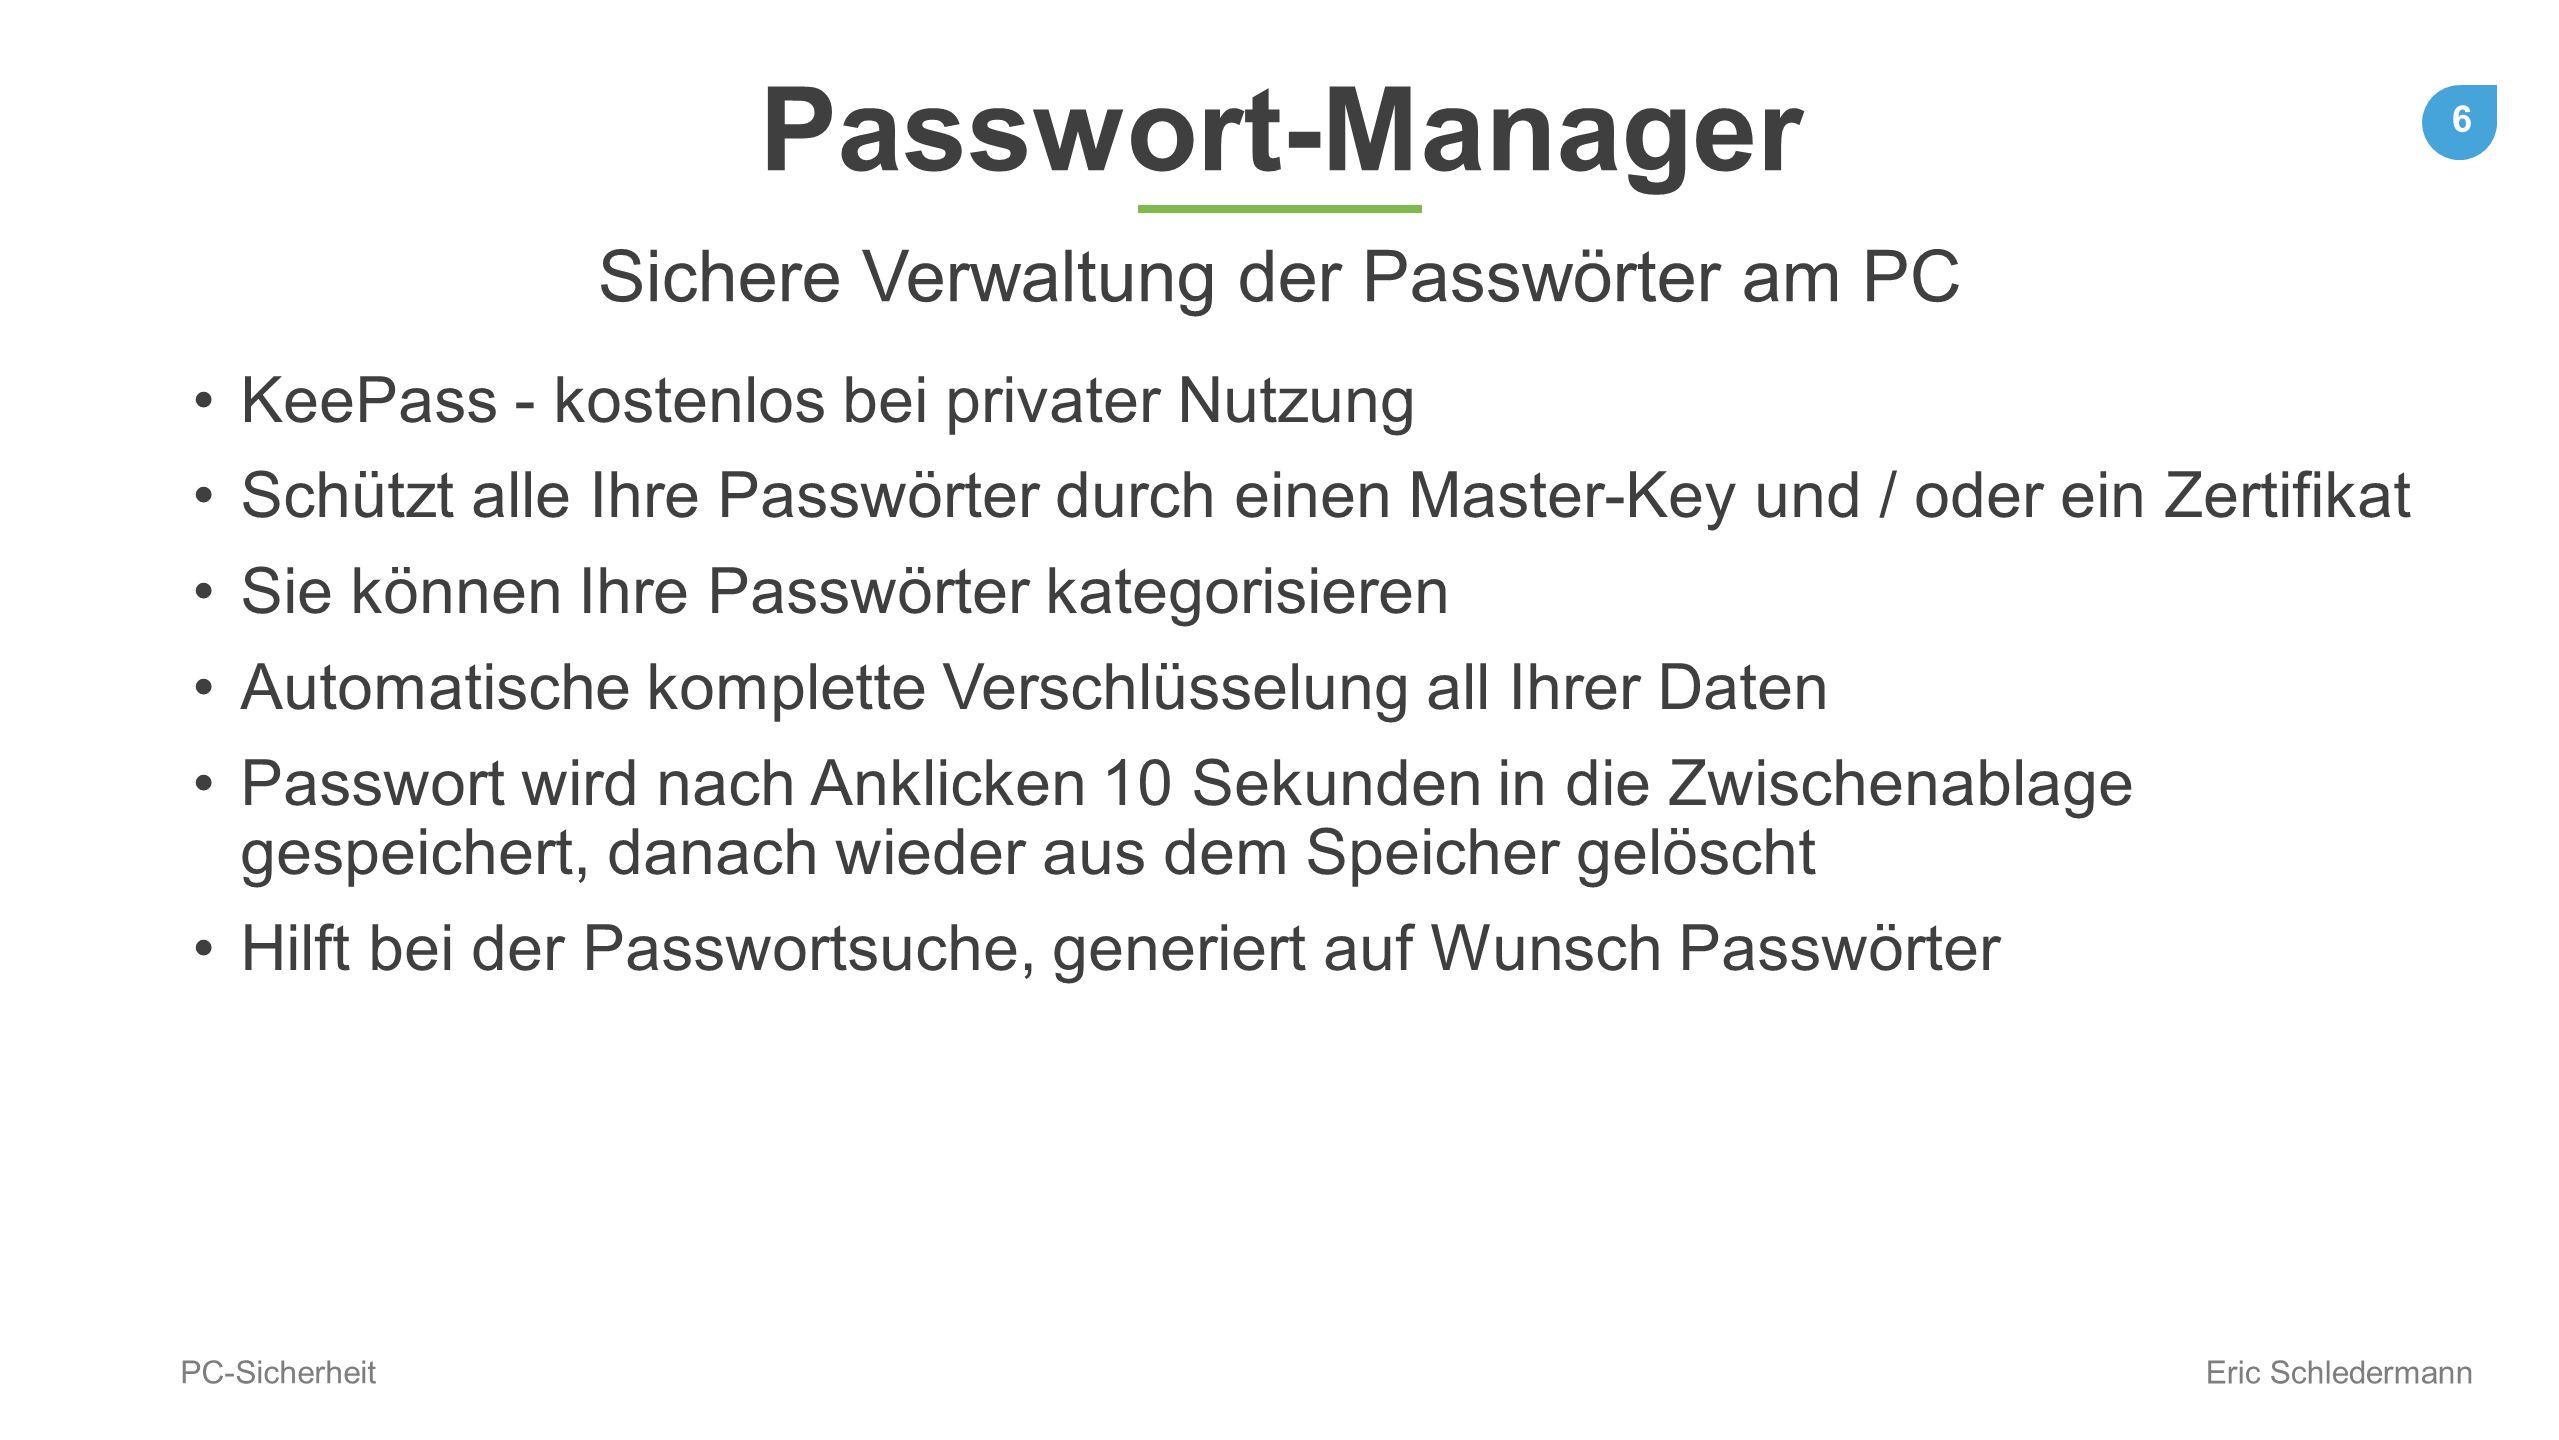 Sichere Verwaltung der Passwörter am PC